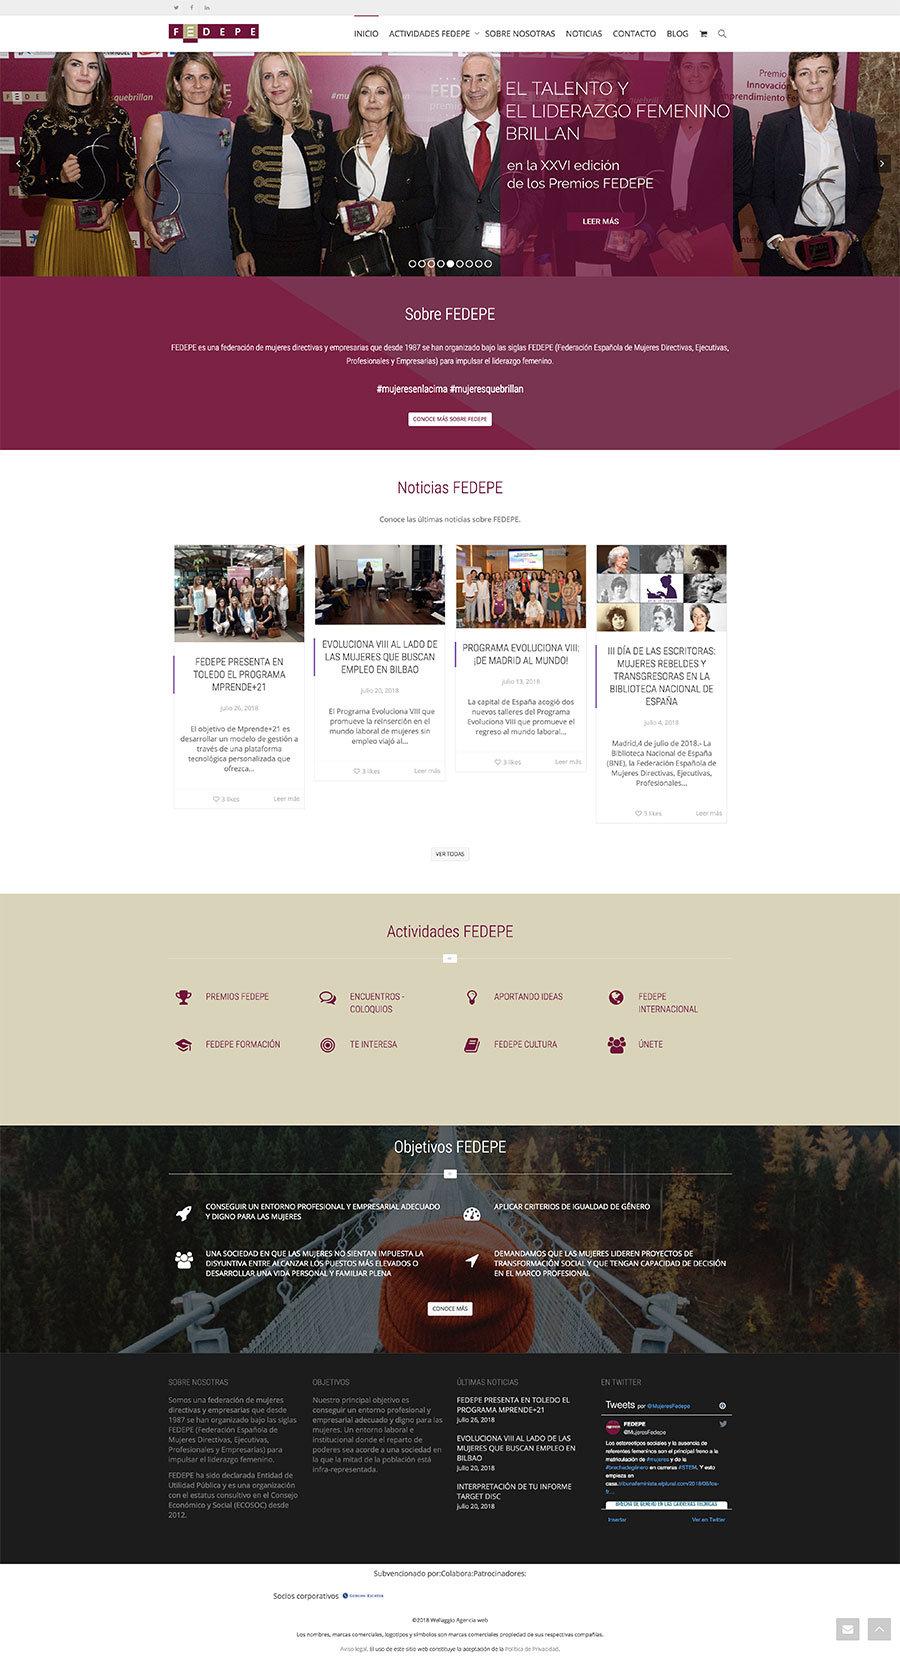 wellaggio-diseño-web-valencia-mujeresdirectivas-es-2018-08-15-12_14_24